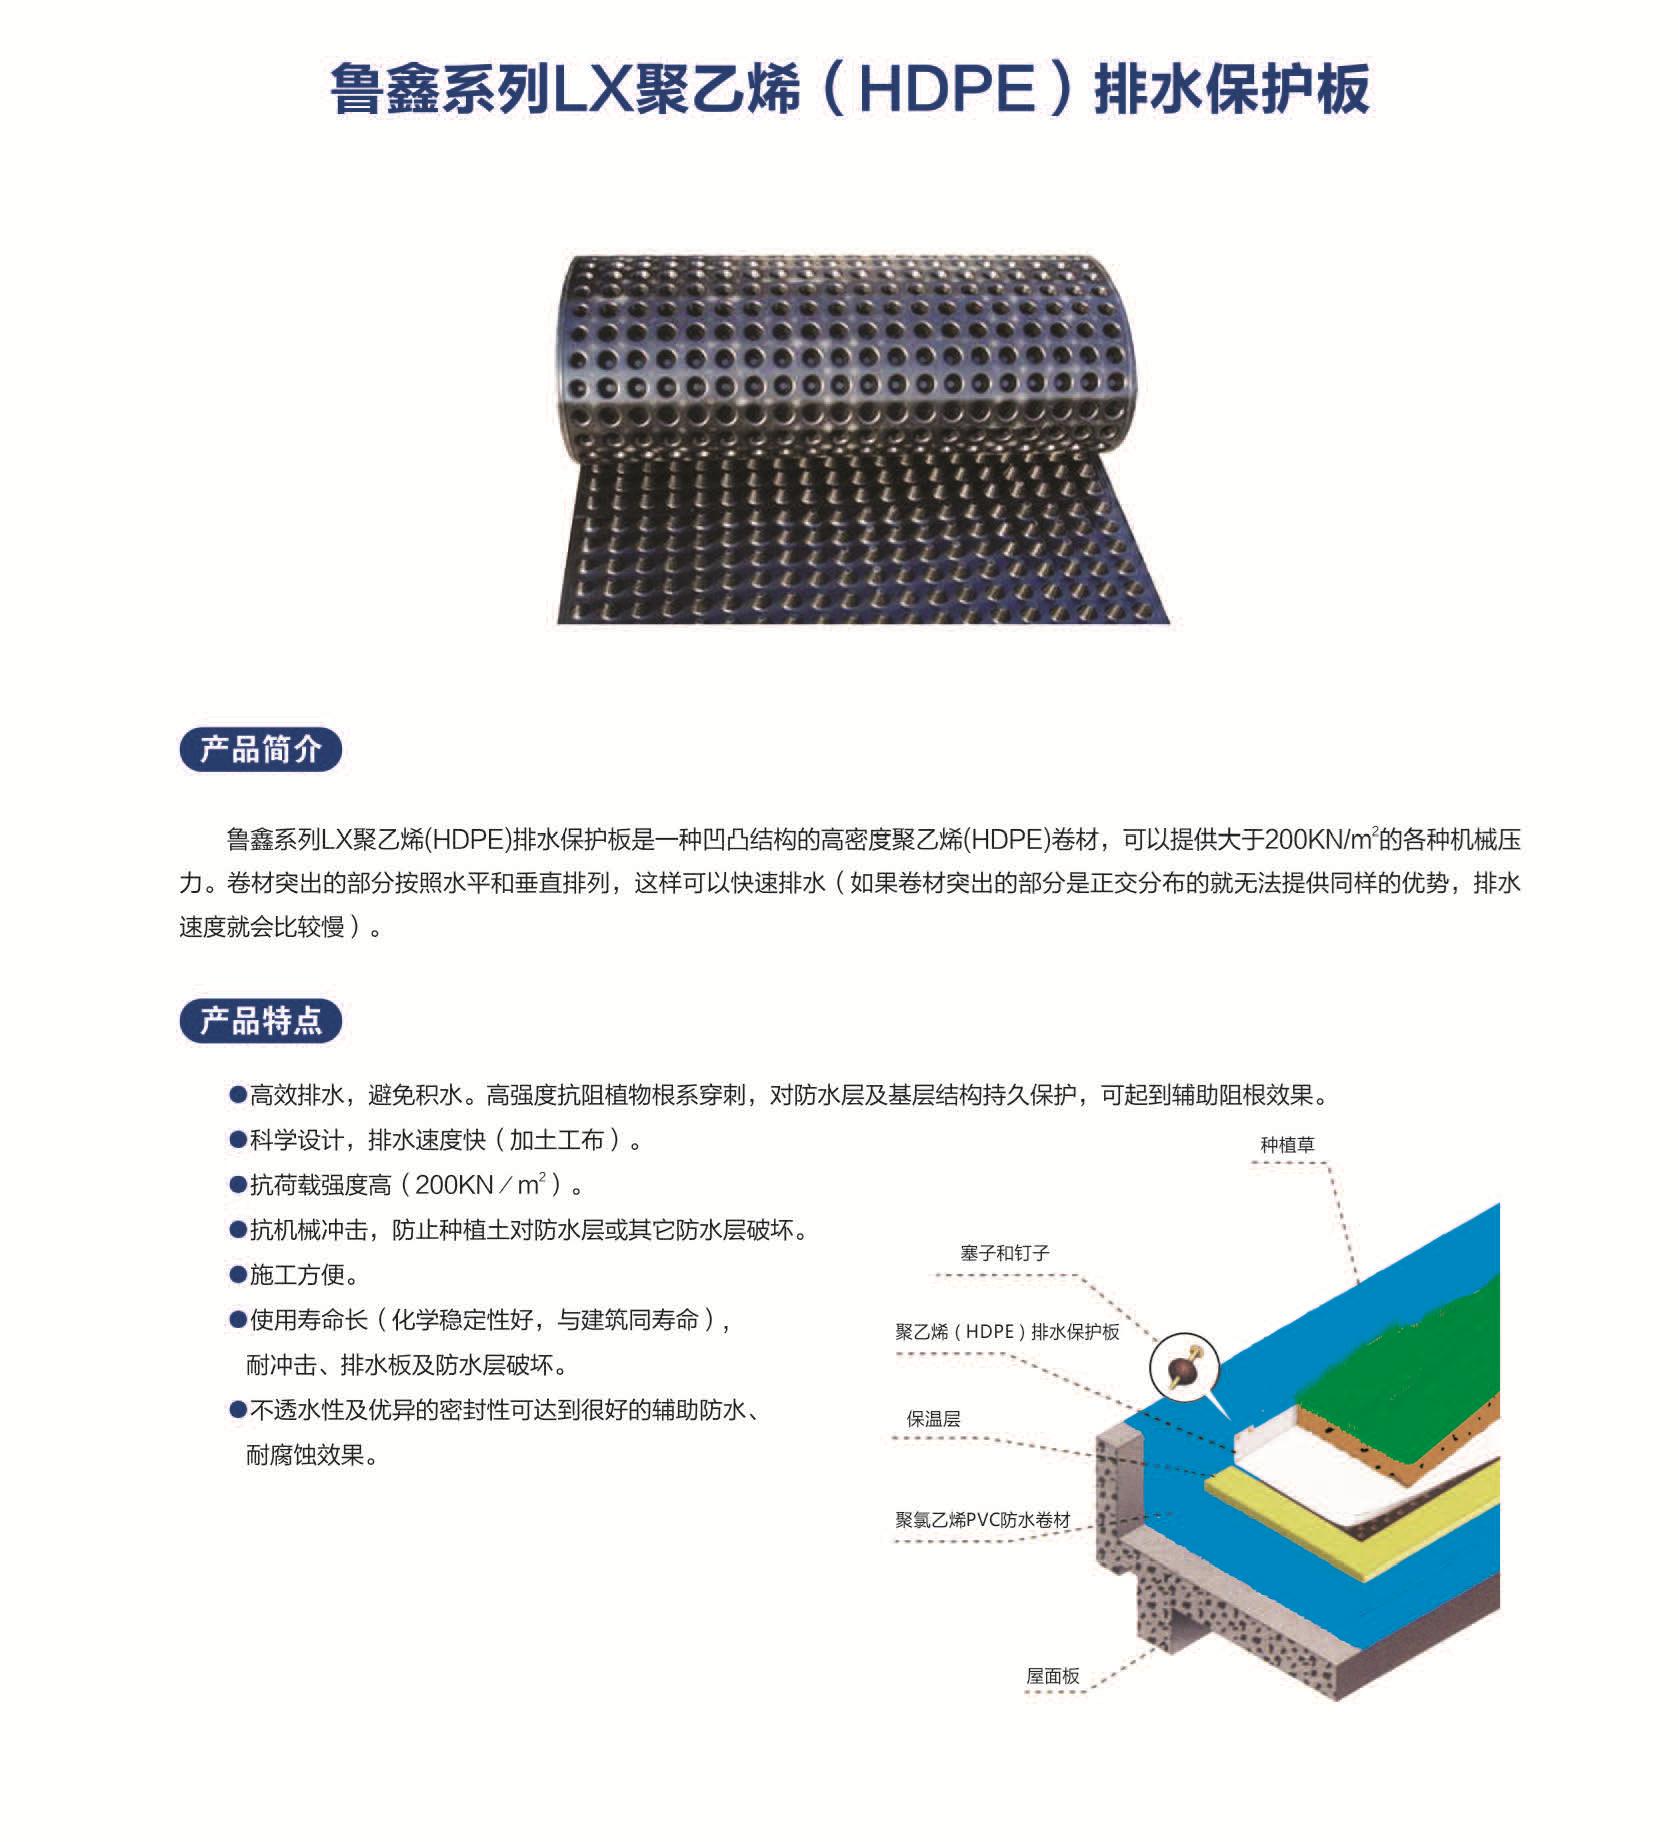 LX聚乙烯(HDPE)排水保护板